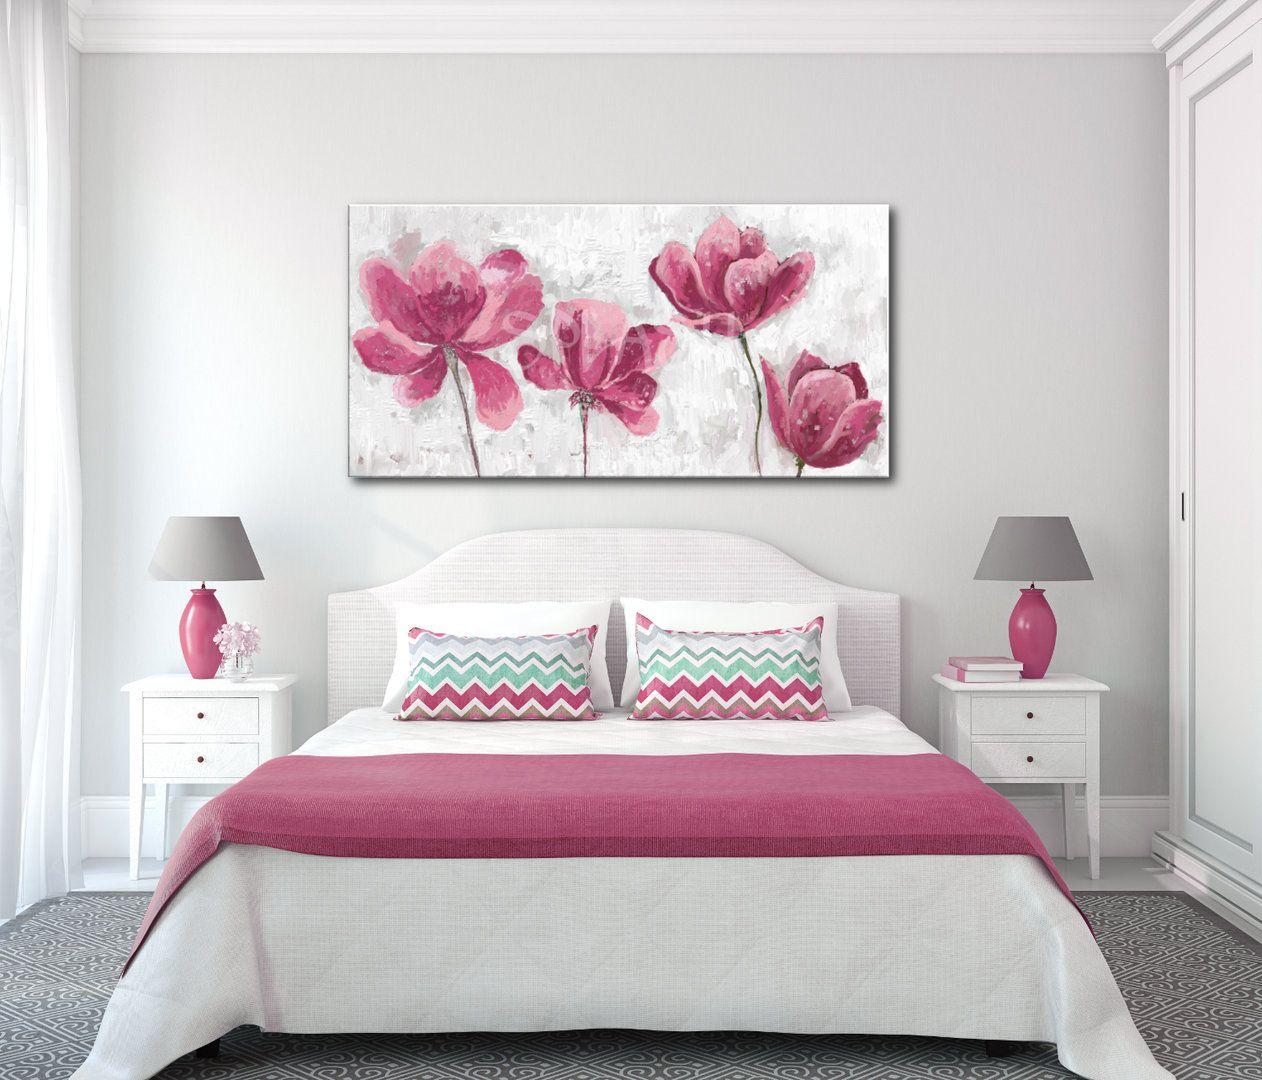 12+ Cuadros bonitos para dormitorio ideas in 2021